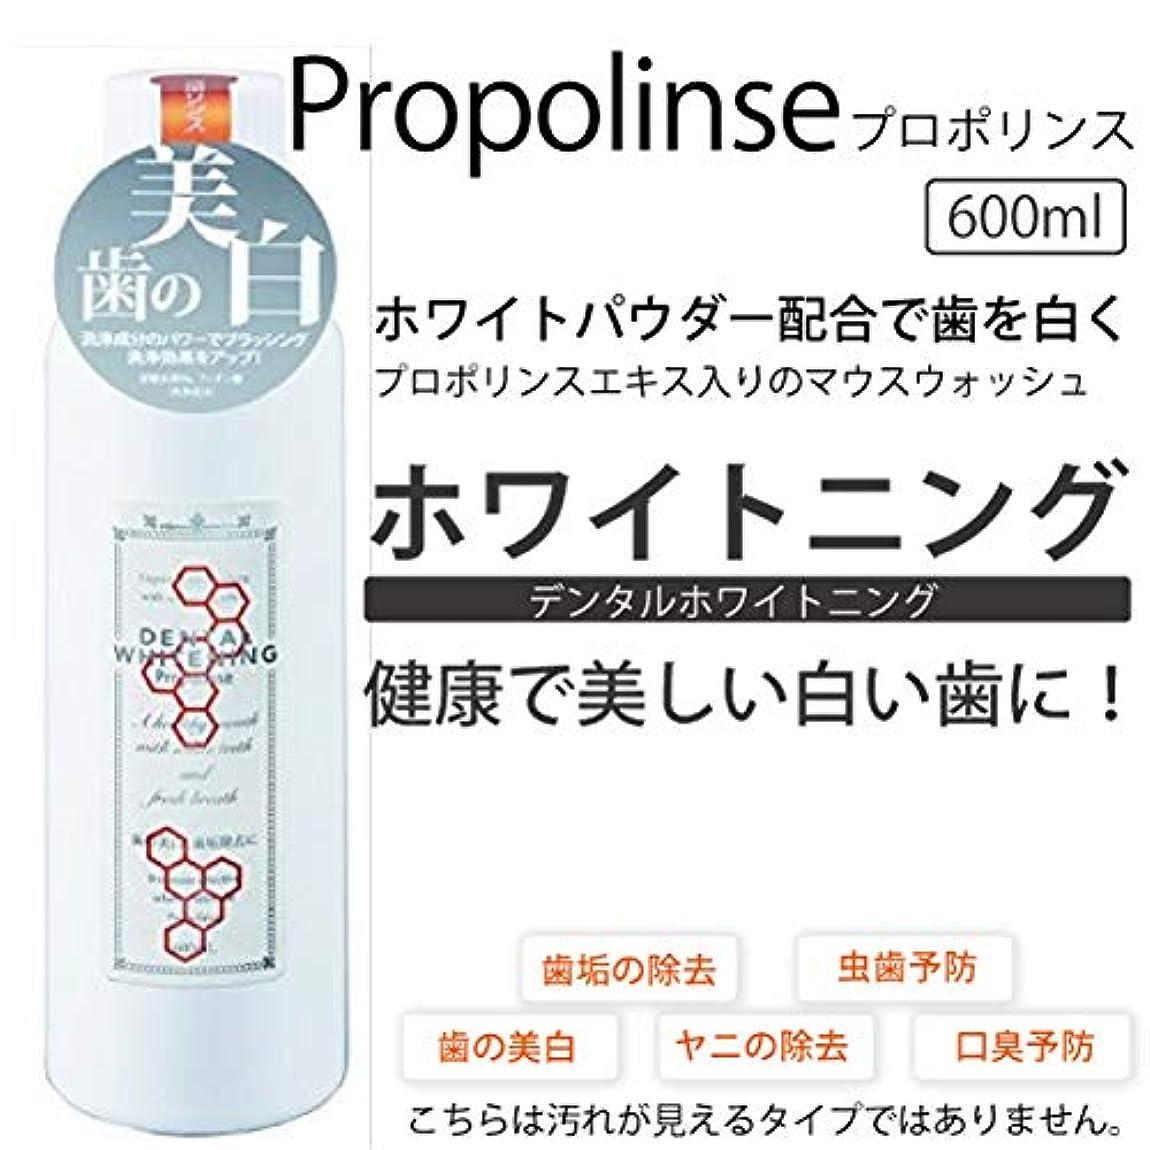 乳製品午後グリルプロポリンス マウスウォッシュ デンタルホワイトニング (ホワイトパウダー配合で歯を白く) 600ml [30本セット] 口臭対策